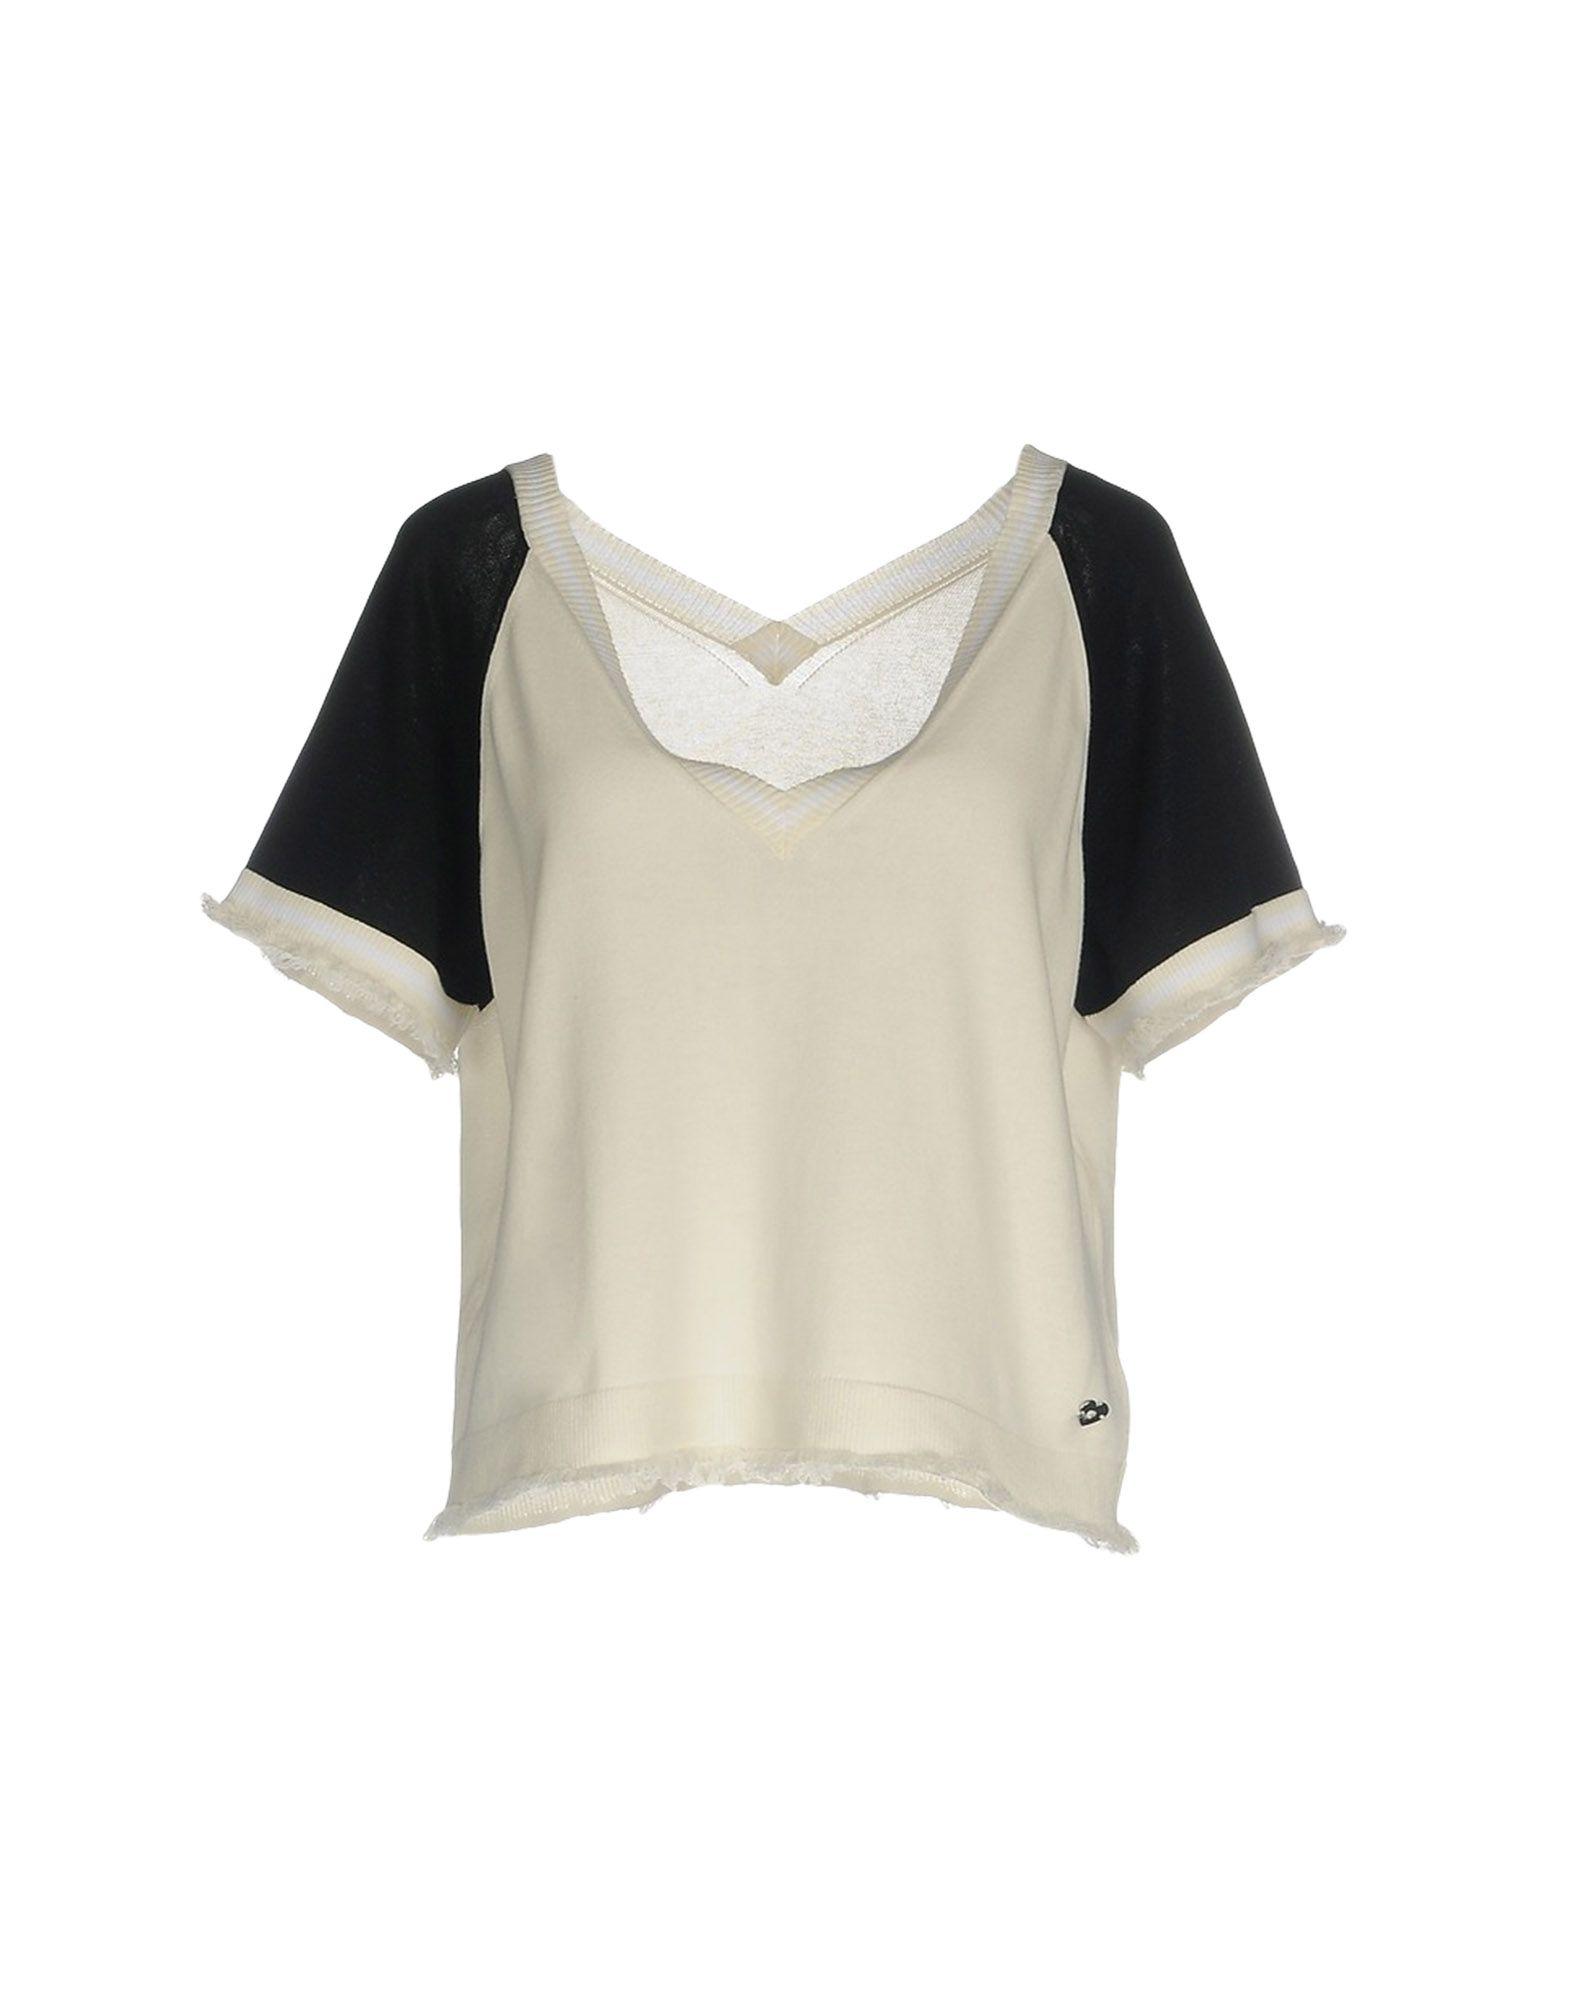 Pullover Twin-Set Simona Barbieri Donna - Acquista online su bUpIeBs5sa